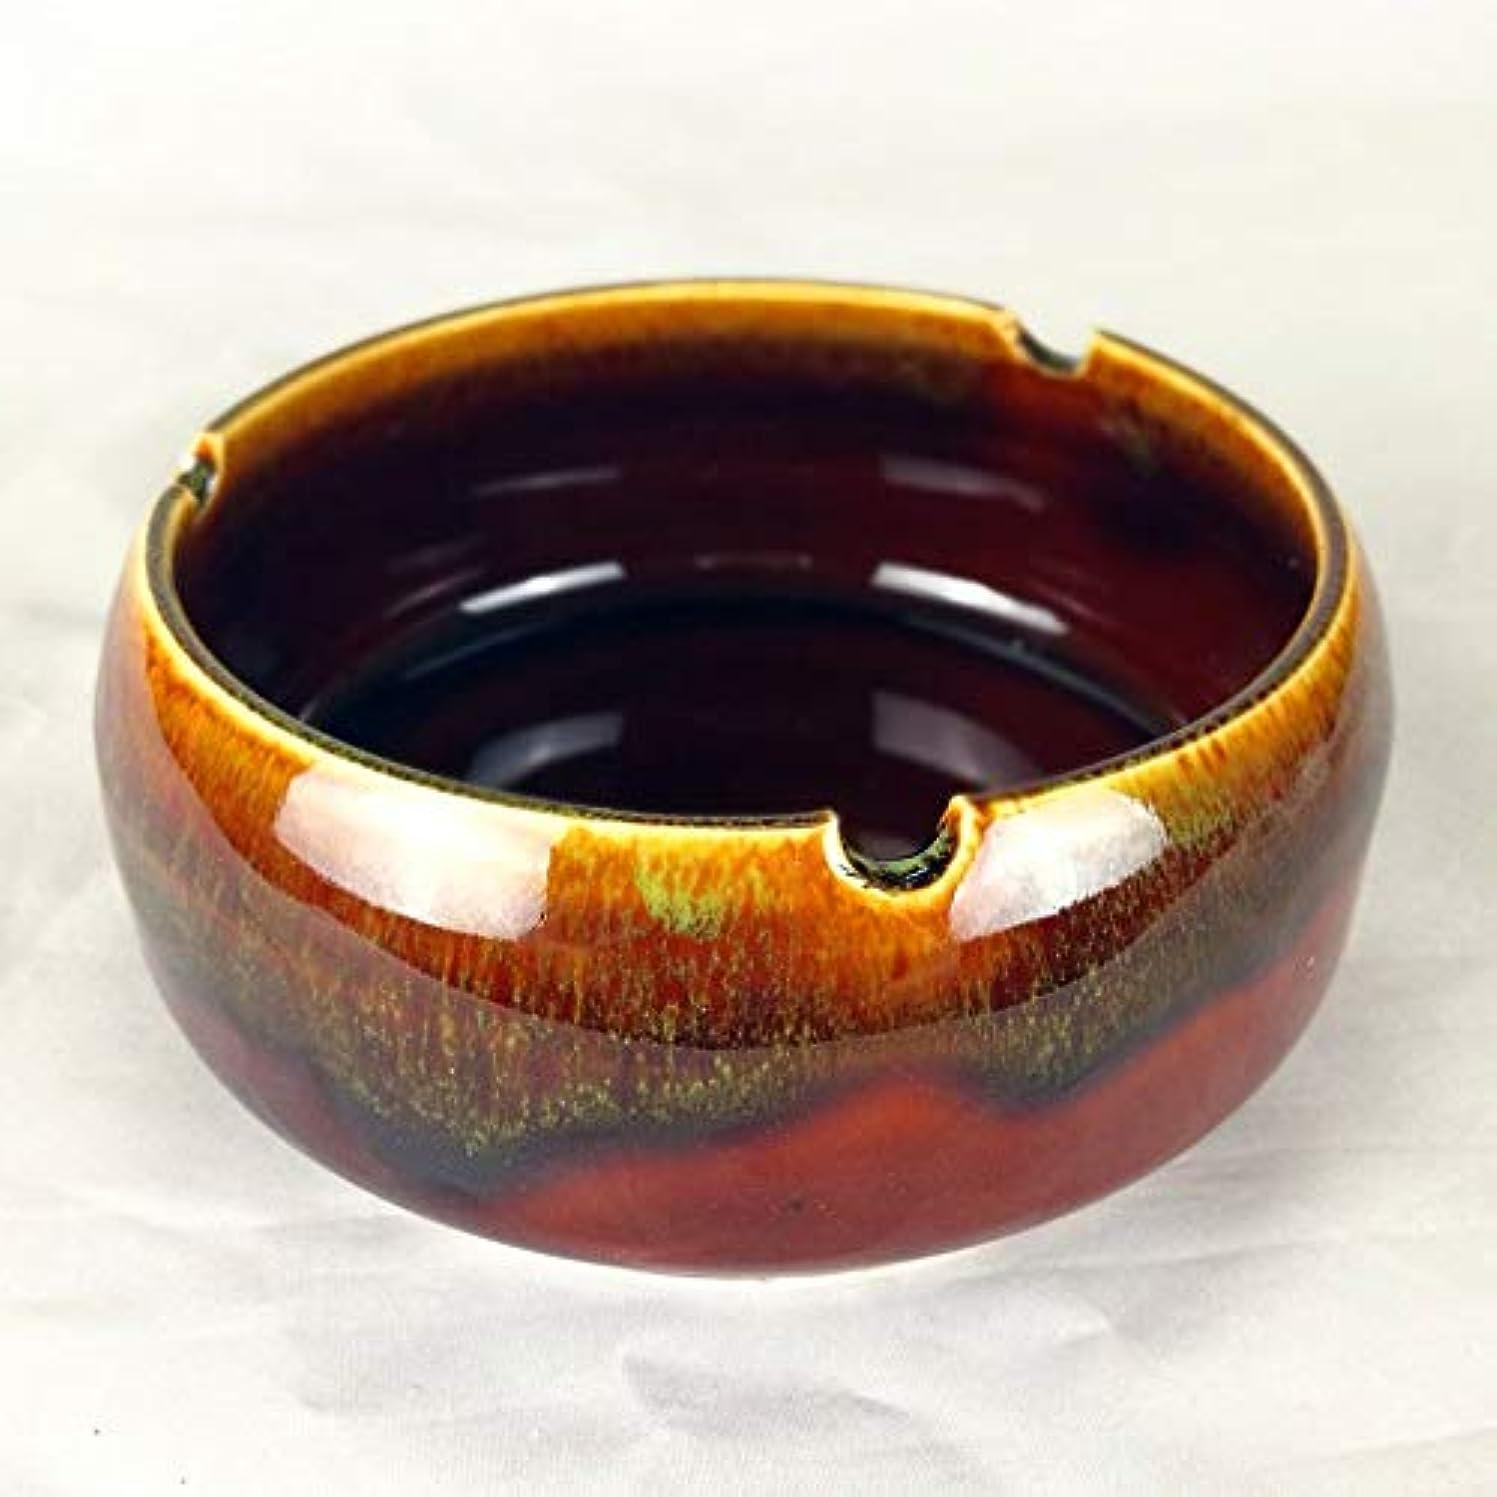 移植広がり行動カバー家の装飾、から選ぶべき4色のタバコの創造的な灰皿のための灰皿 (色 : 褐色)